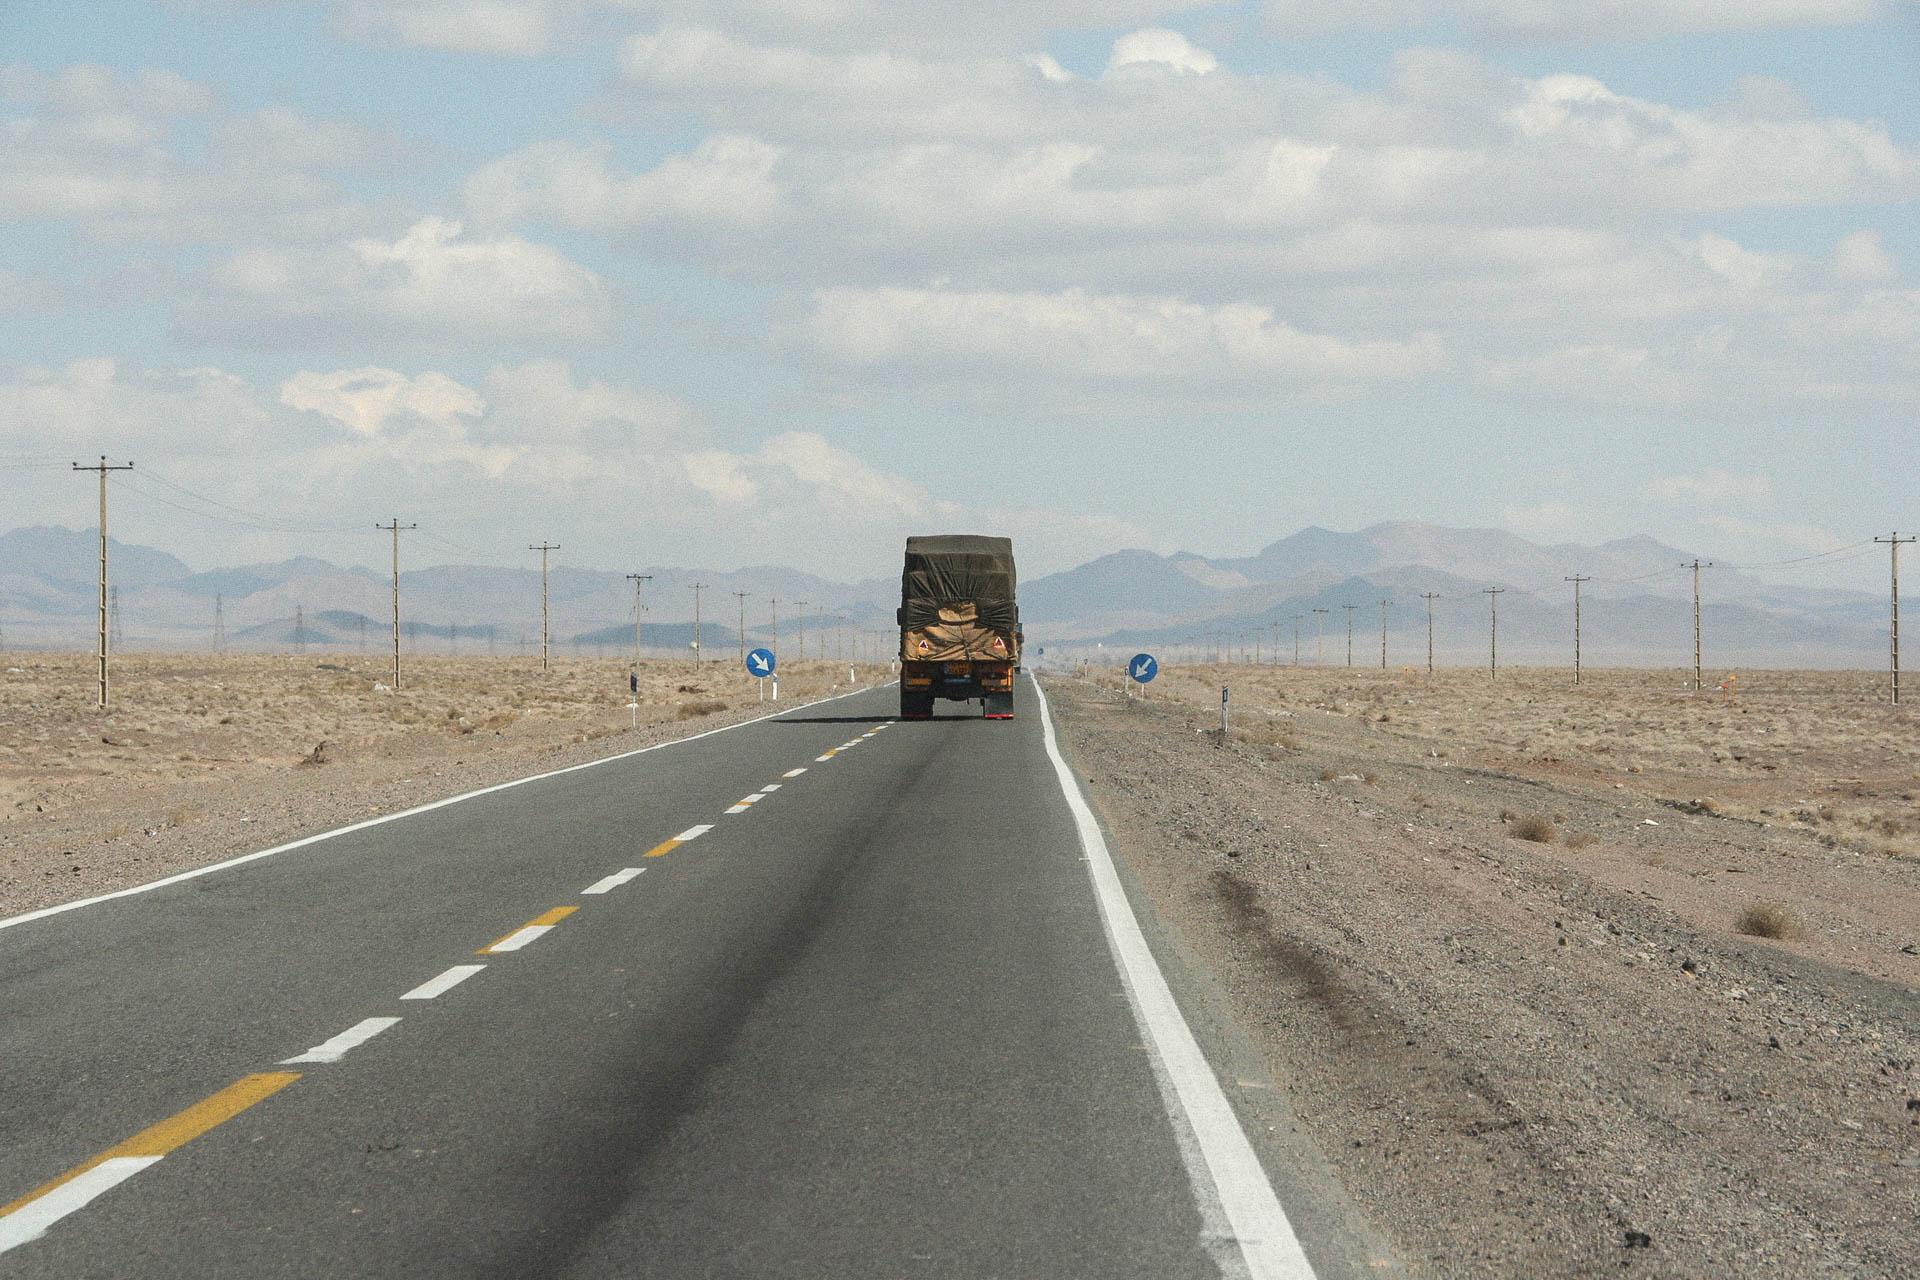 Laster auf pakistanischer Landstrasse